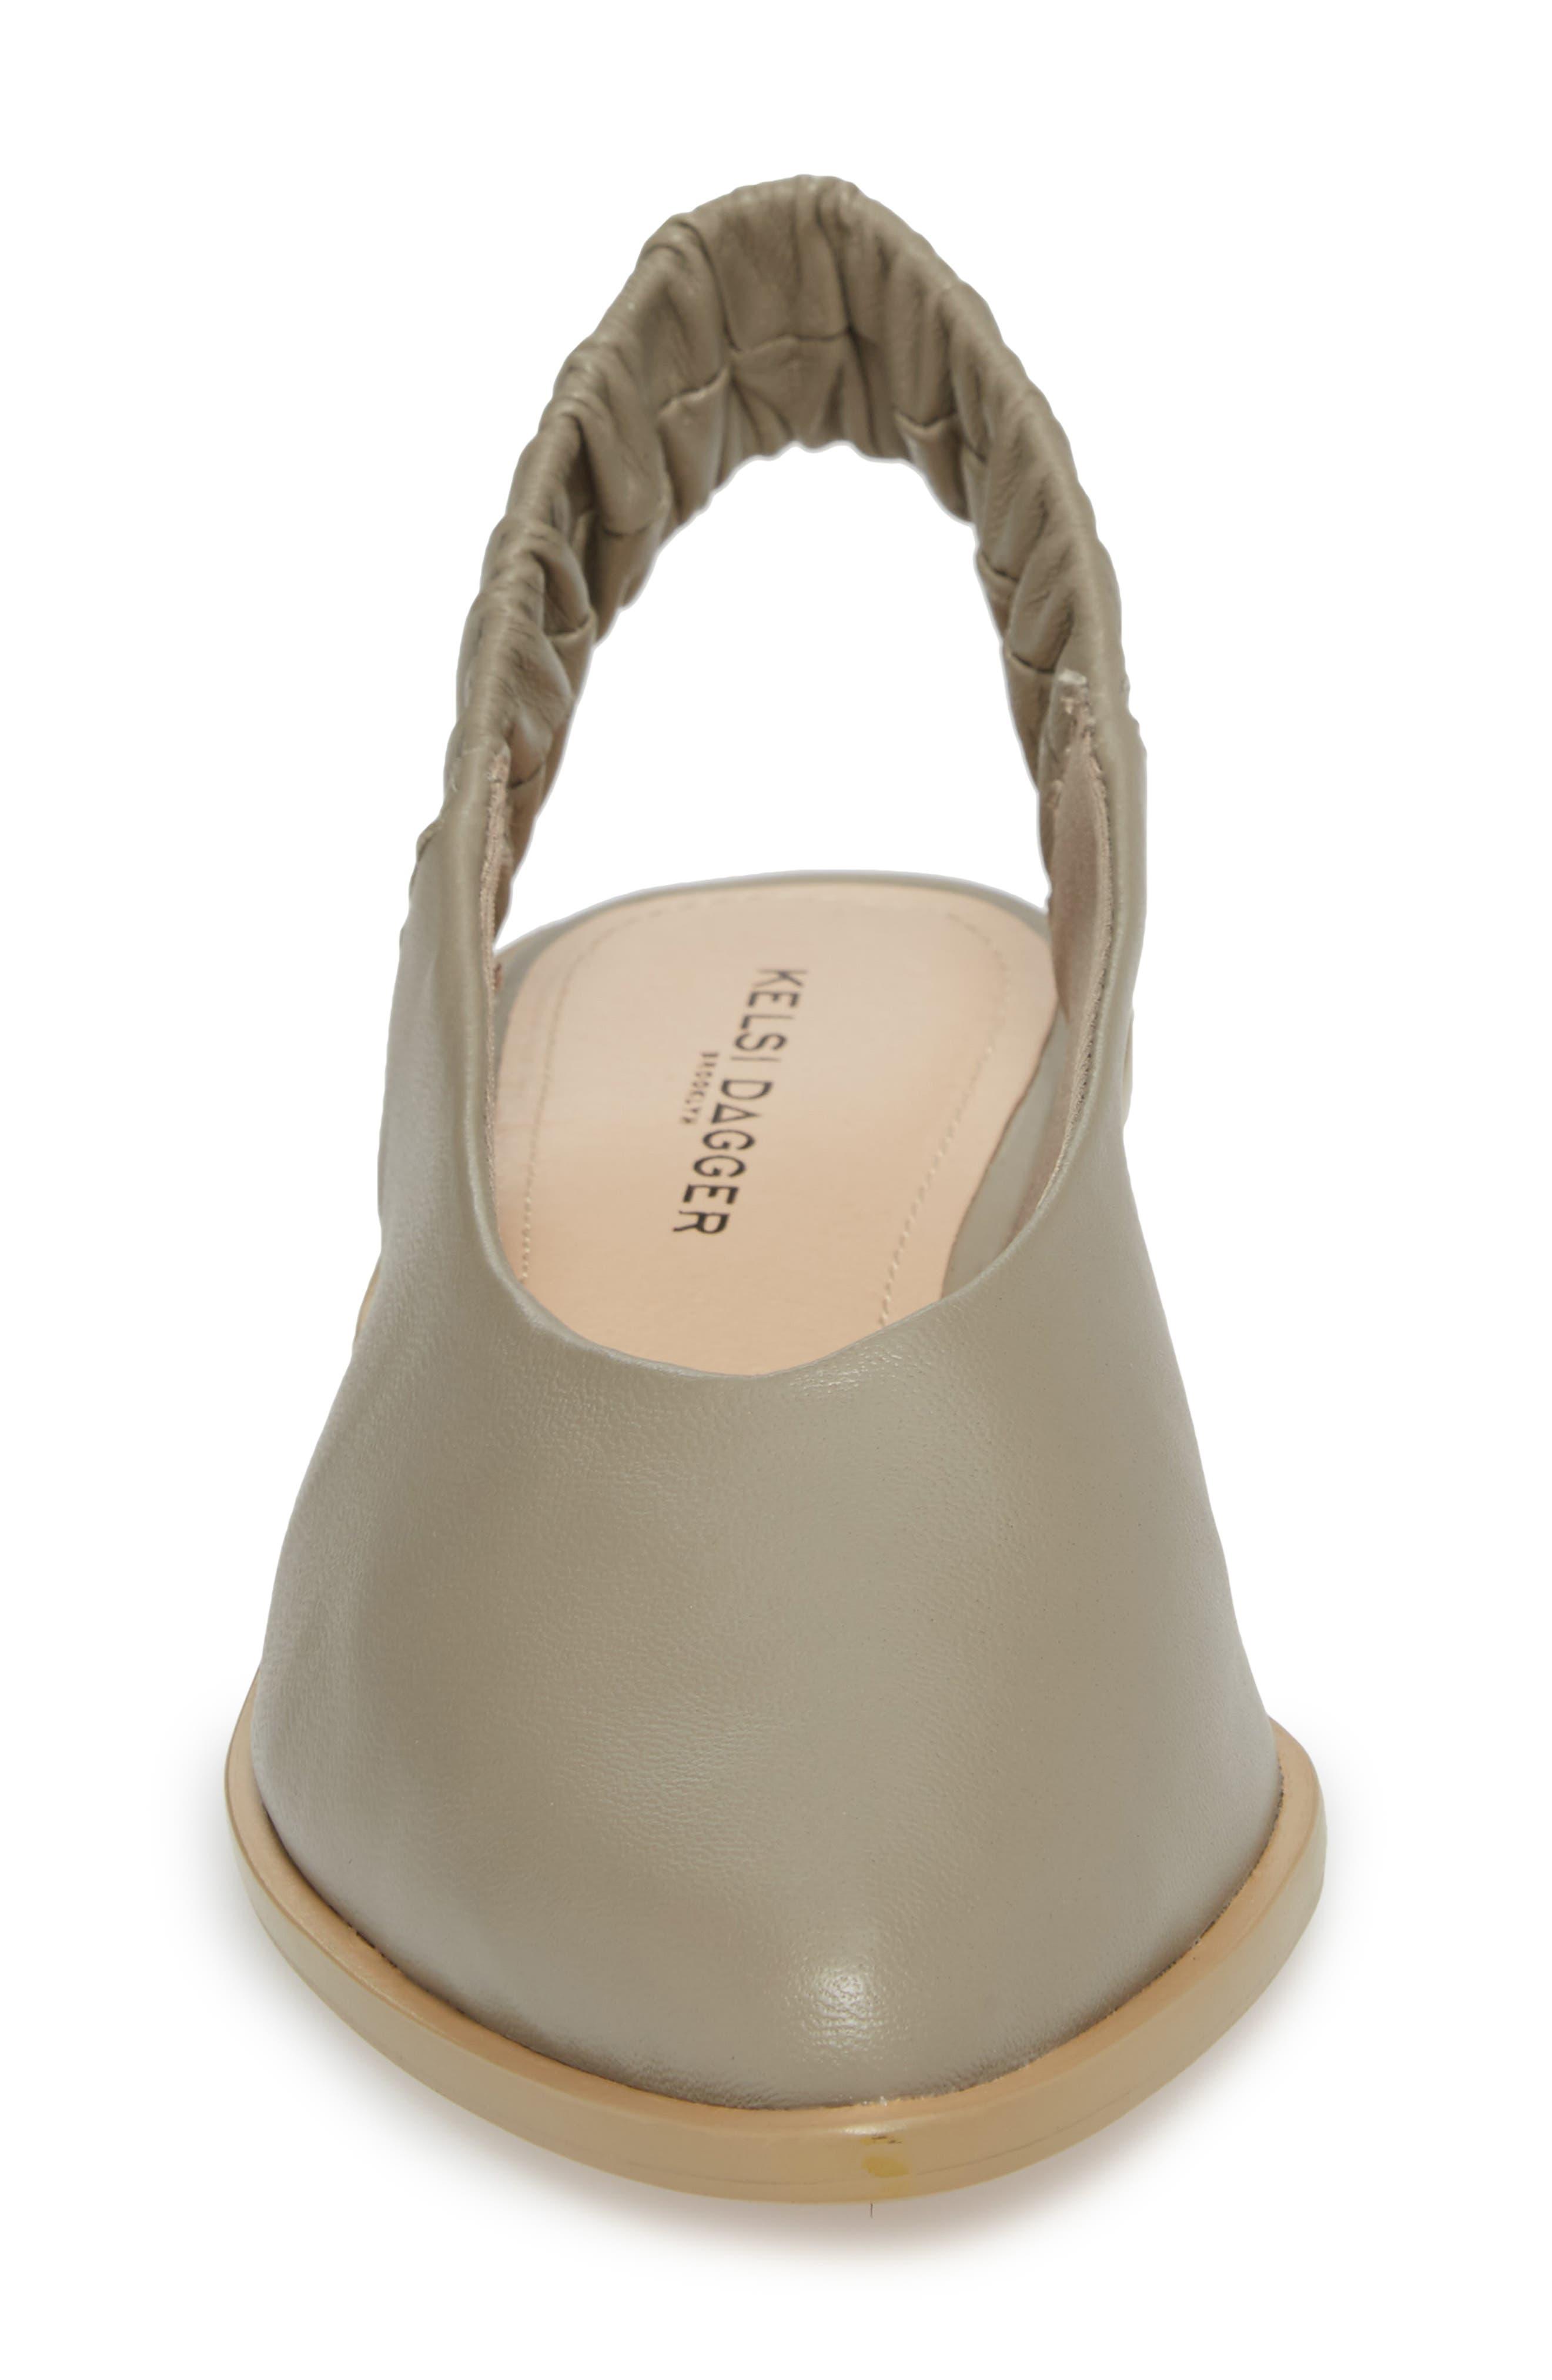 Alton Slingback Sandal,                             Alternate thumbnail 4, color,                             Clove Leather